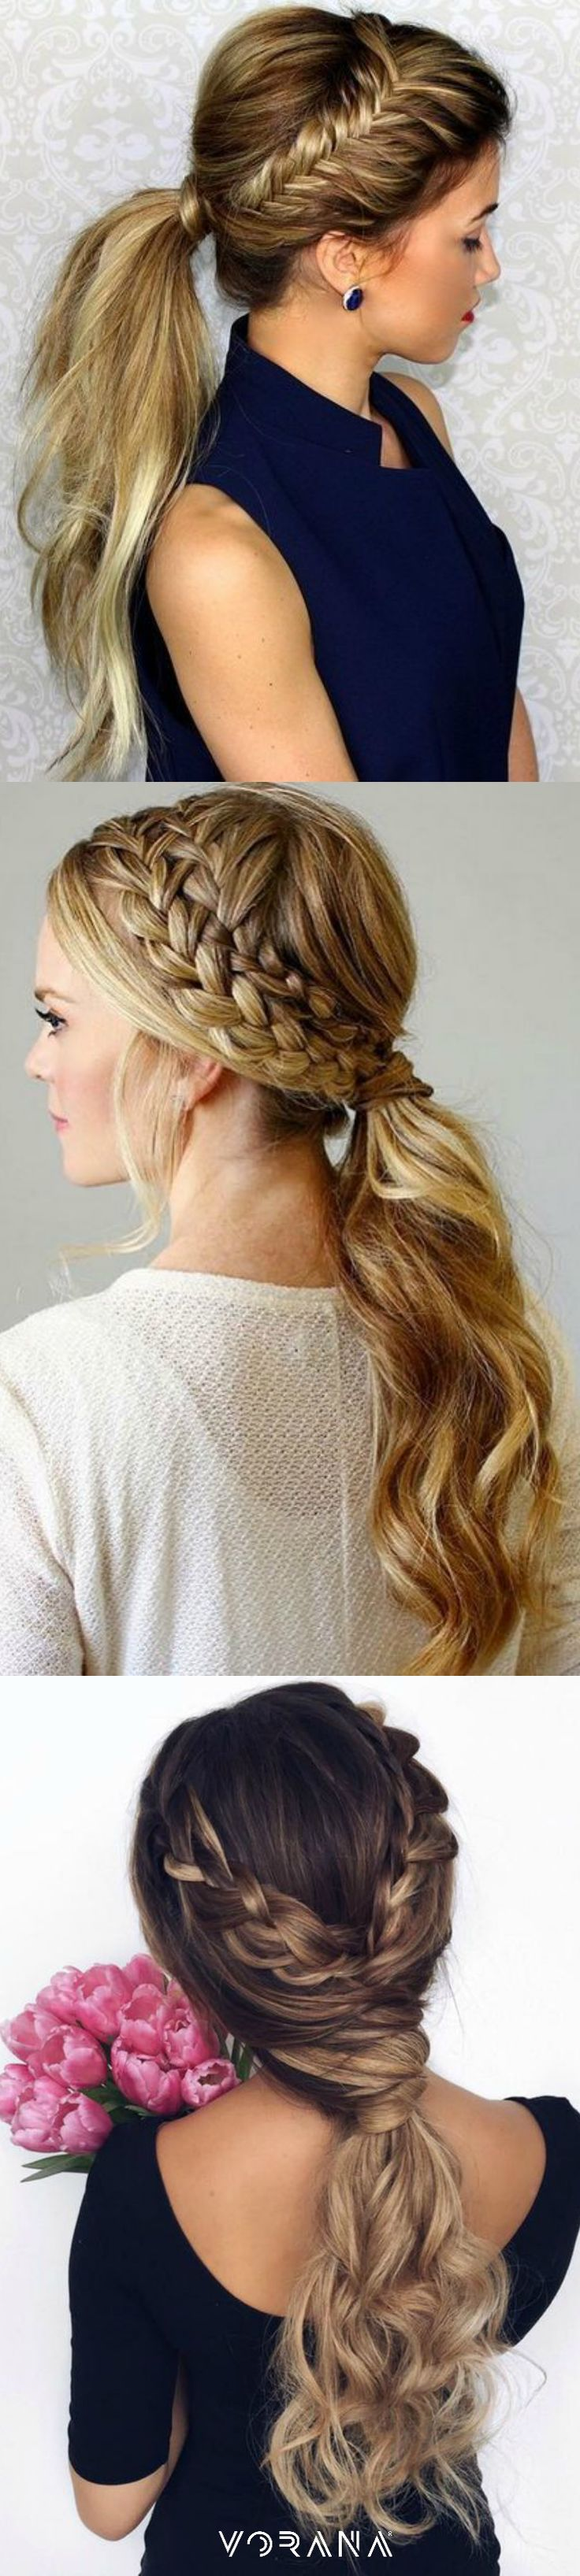 Varia tus estilos con estas combinaciones de trenzas y ponytail. #Haistyle #Braid #Trenzas